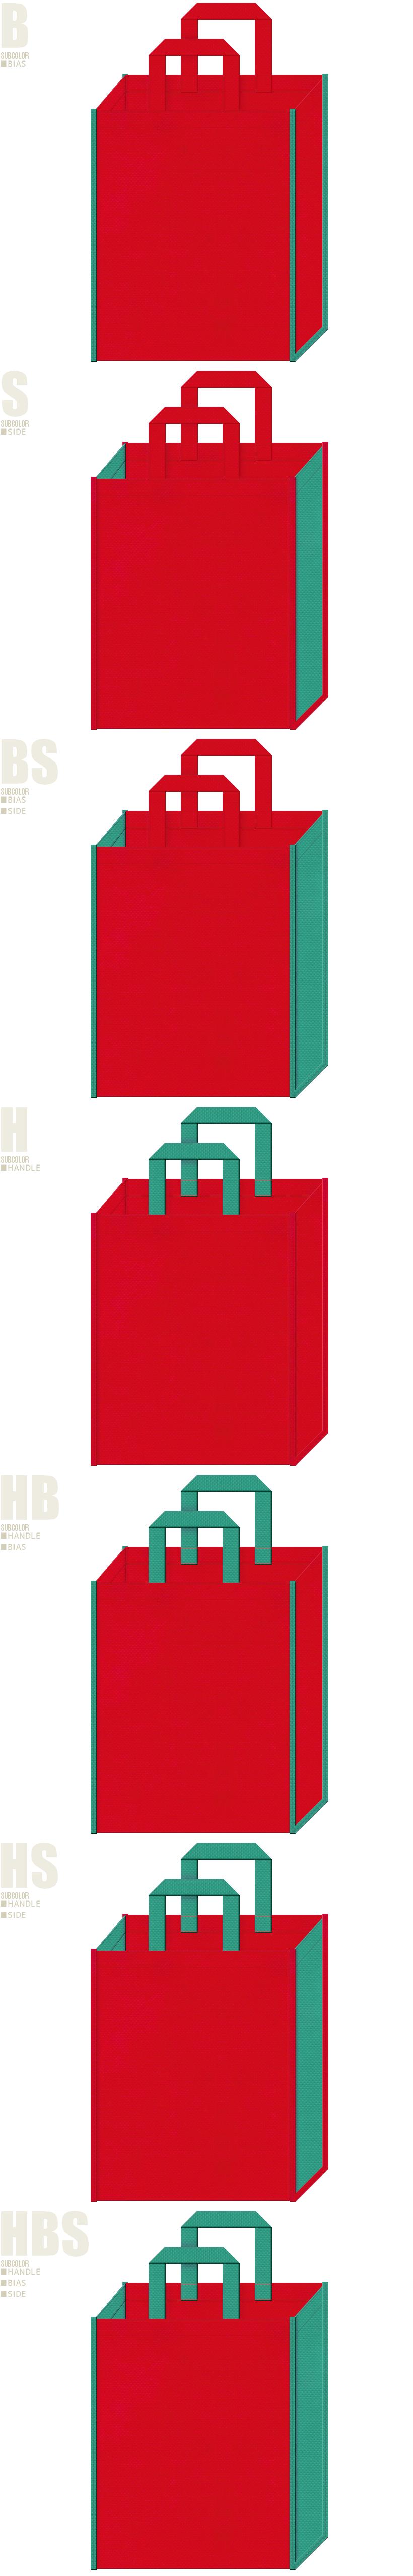 不織布トートバッグのデザイン:不織布カラーNo.35ワインレッドとNo.31ライムグリーンの組み合わせ